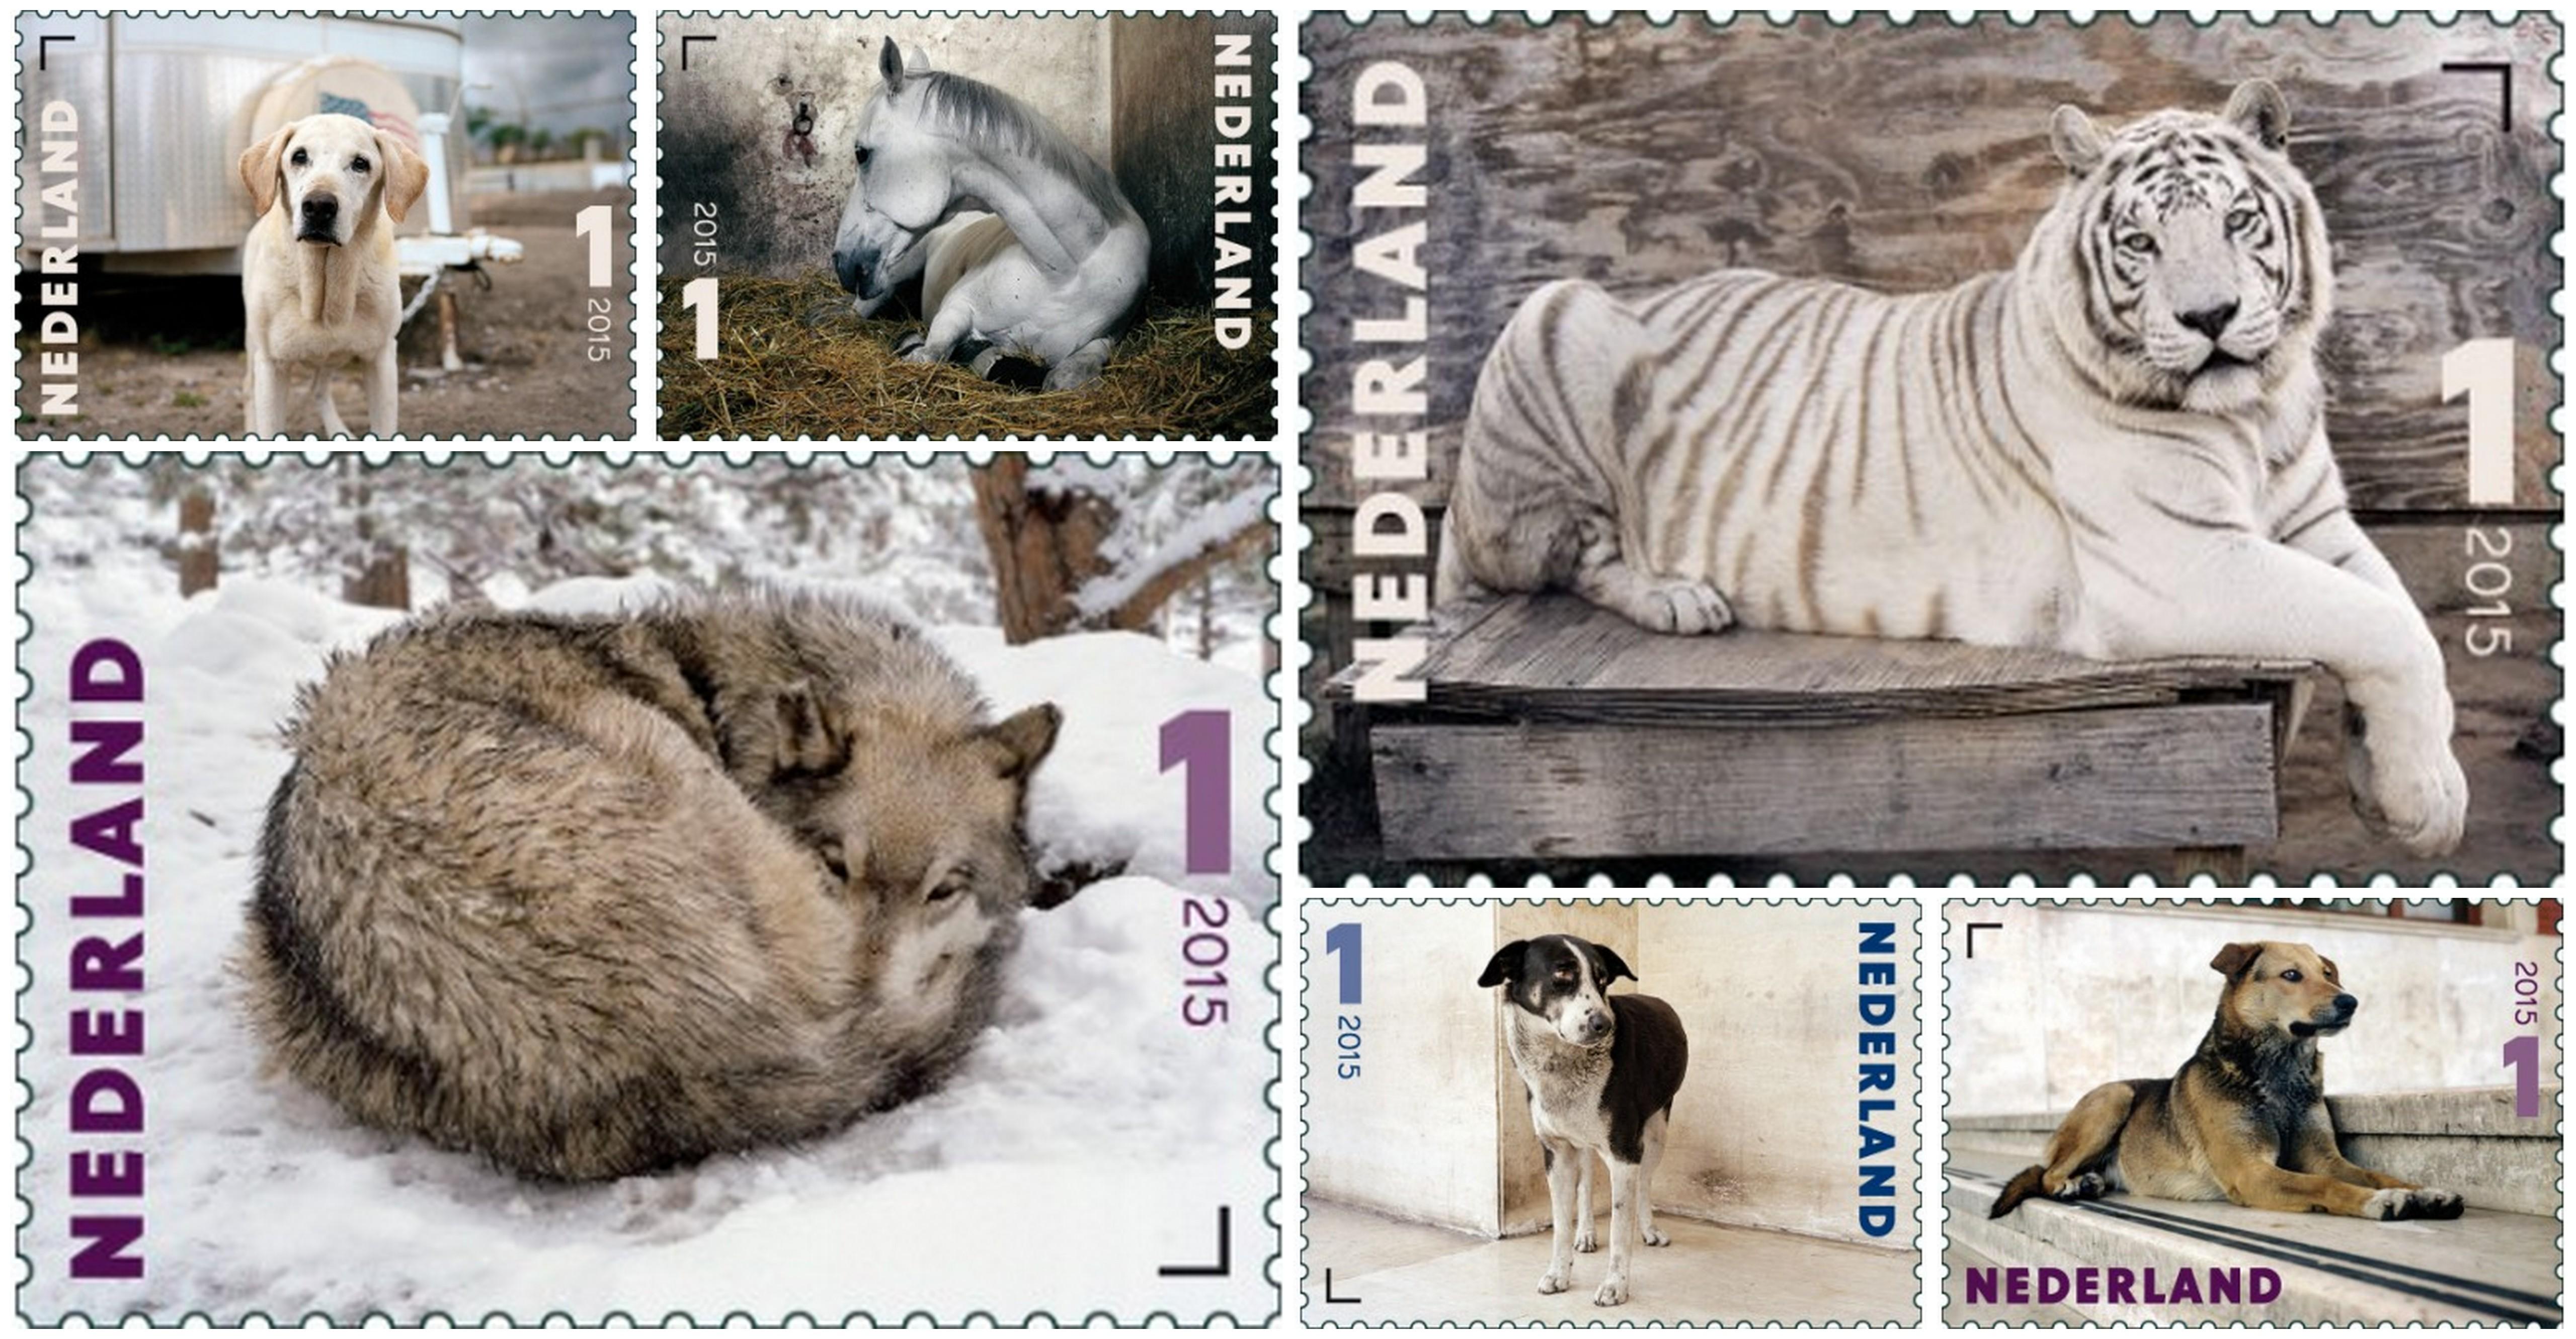 waarde kinderpostzegel 2013